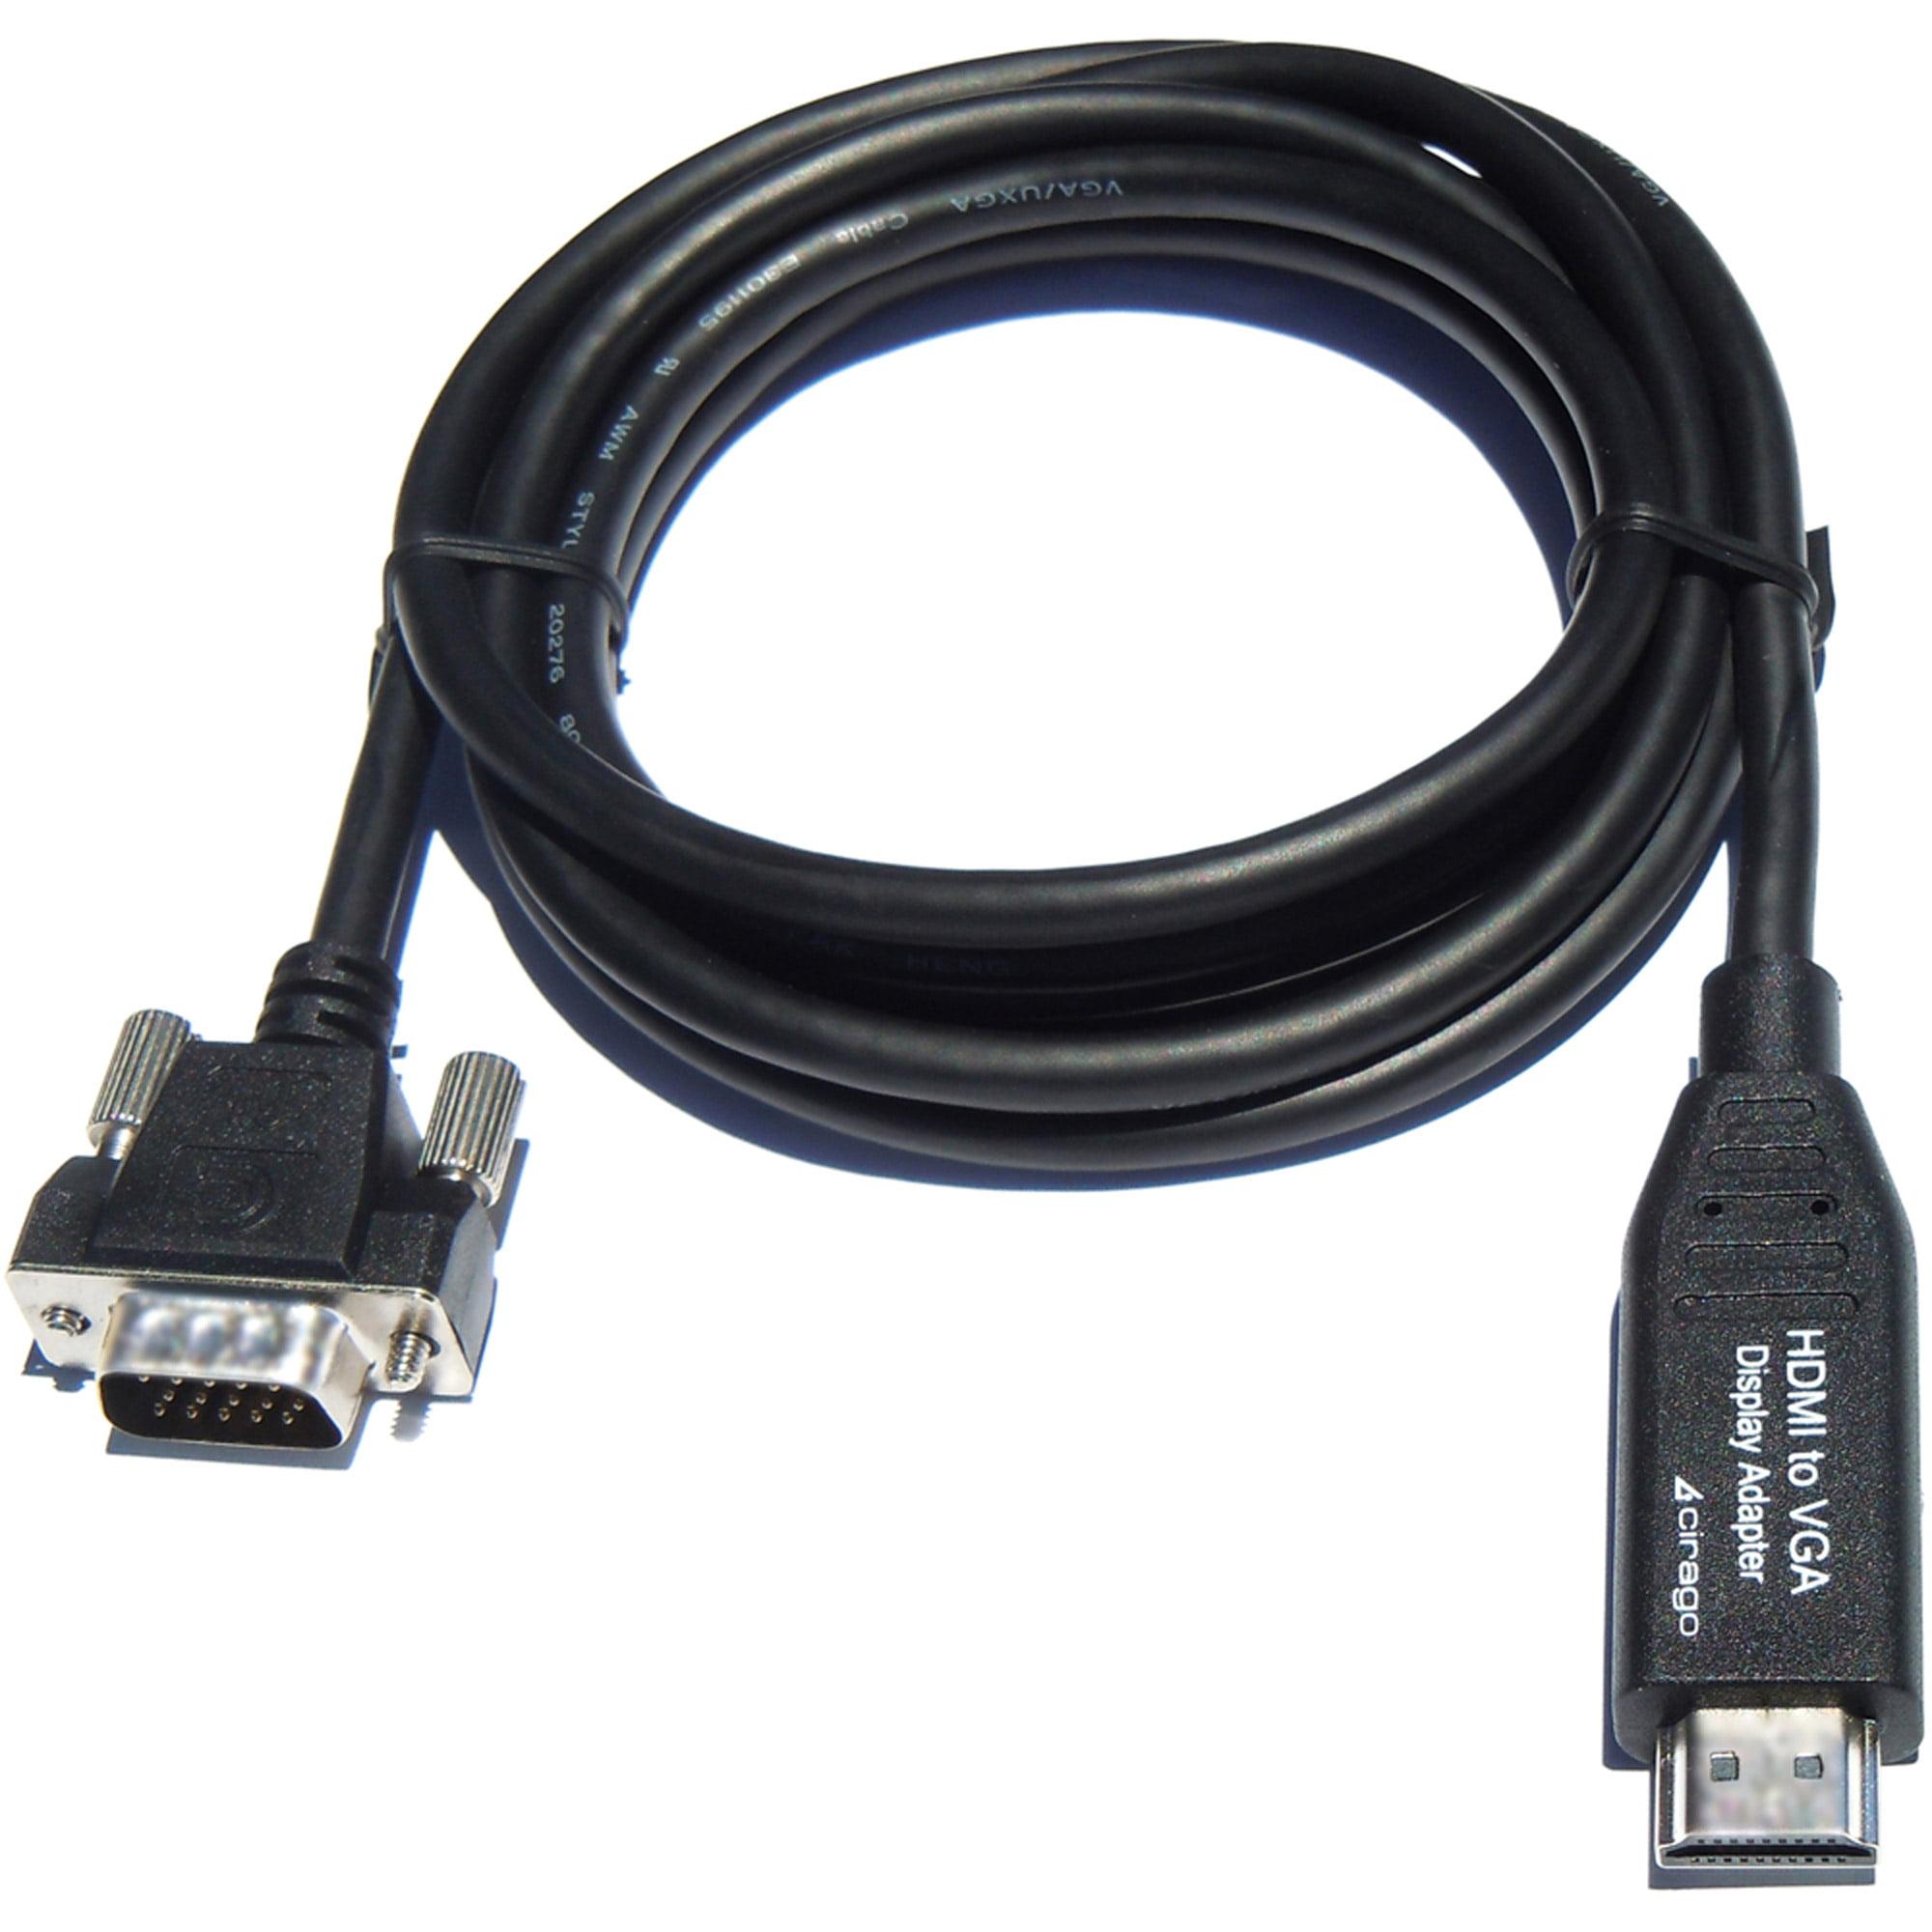 Cirago HDM2VGA06BLK HDMI to VGA Display Adapter Cable, 6', Black